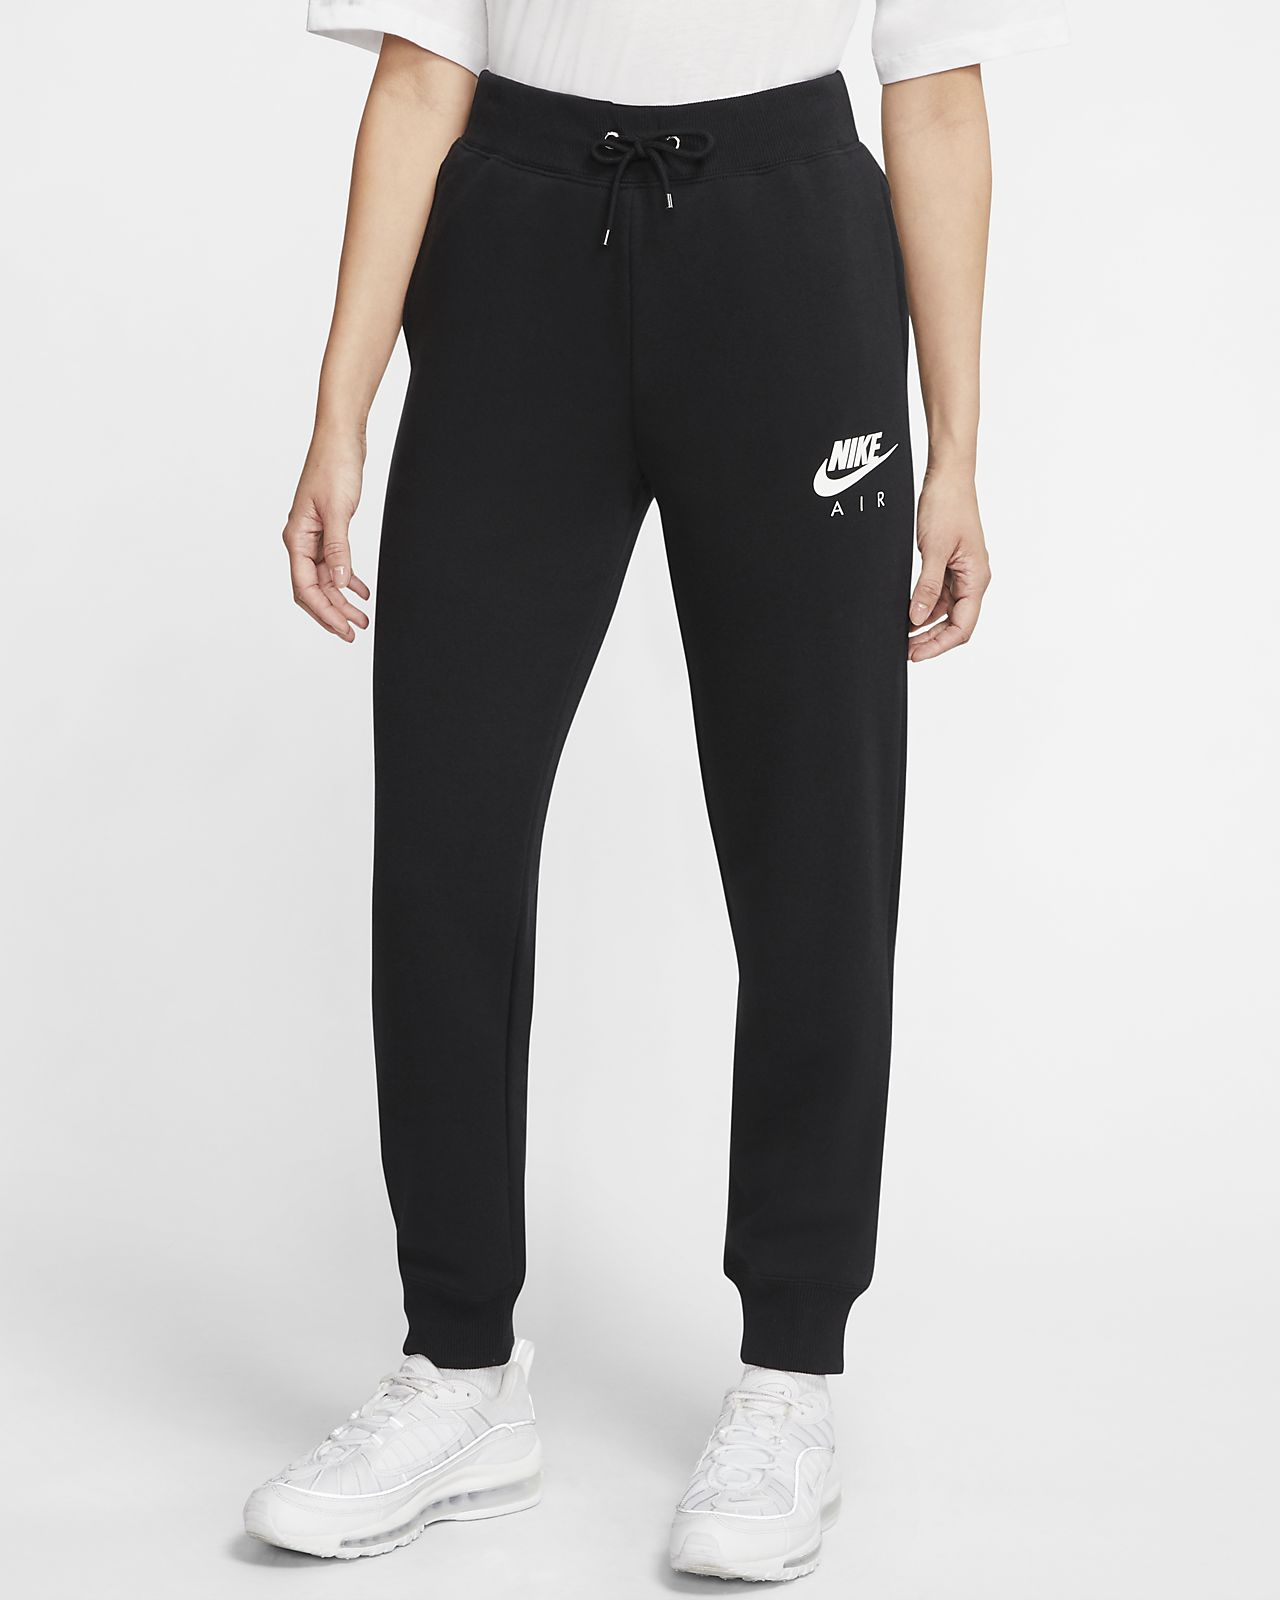 Nike Air Pantalons de teixit Fleece - Dona